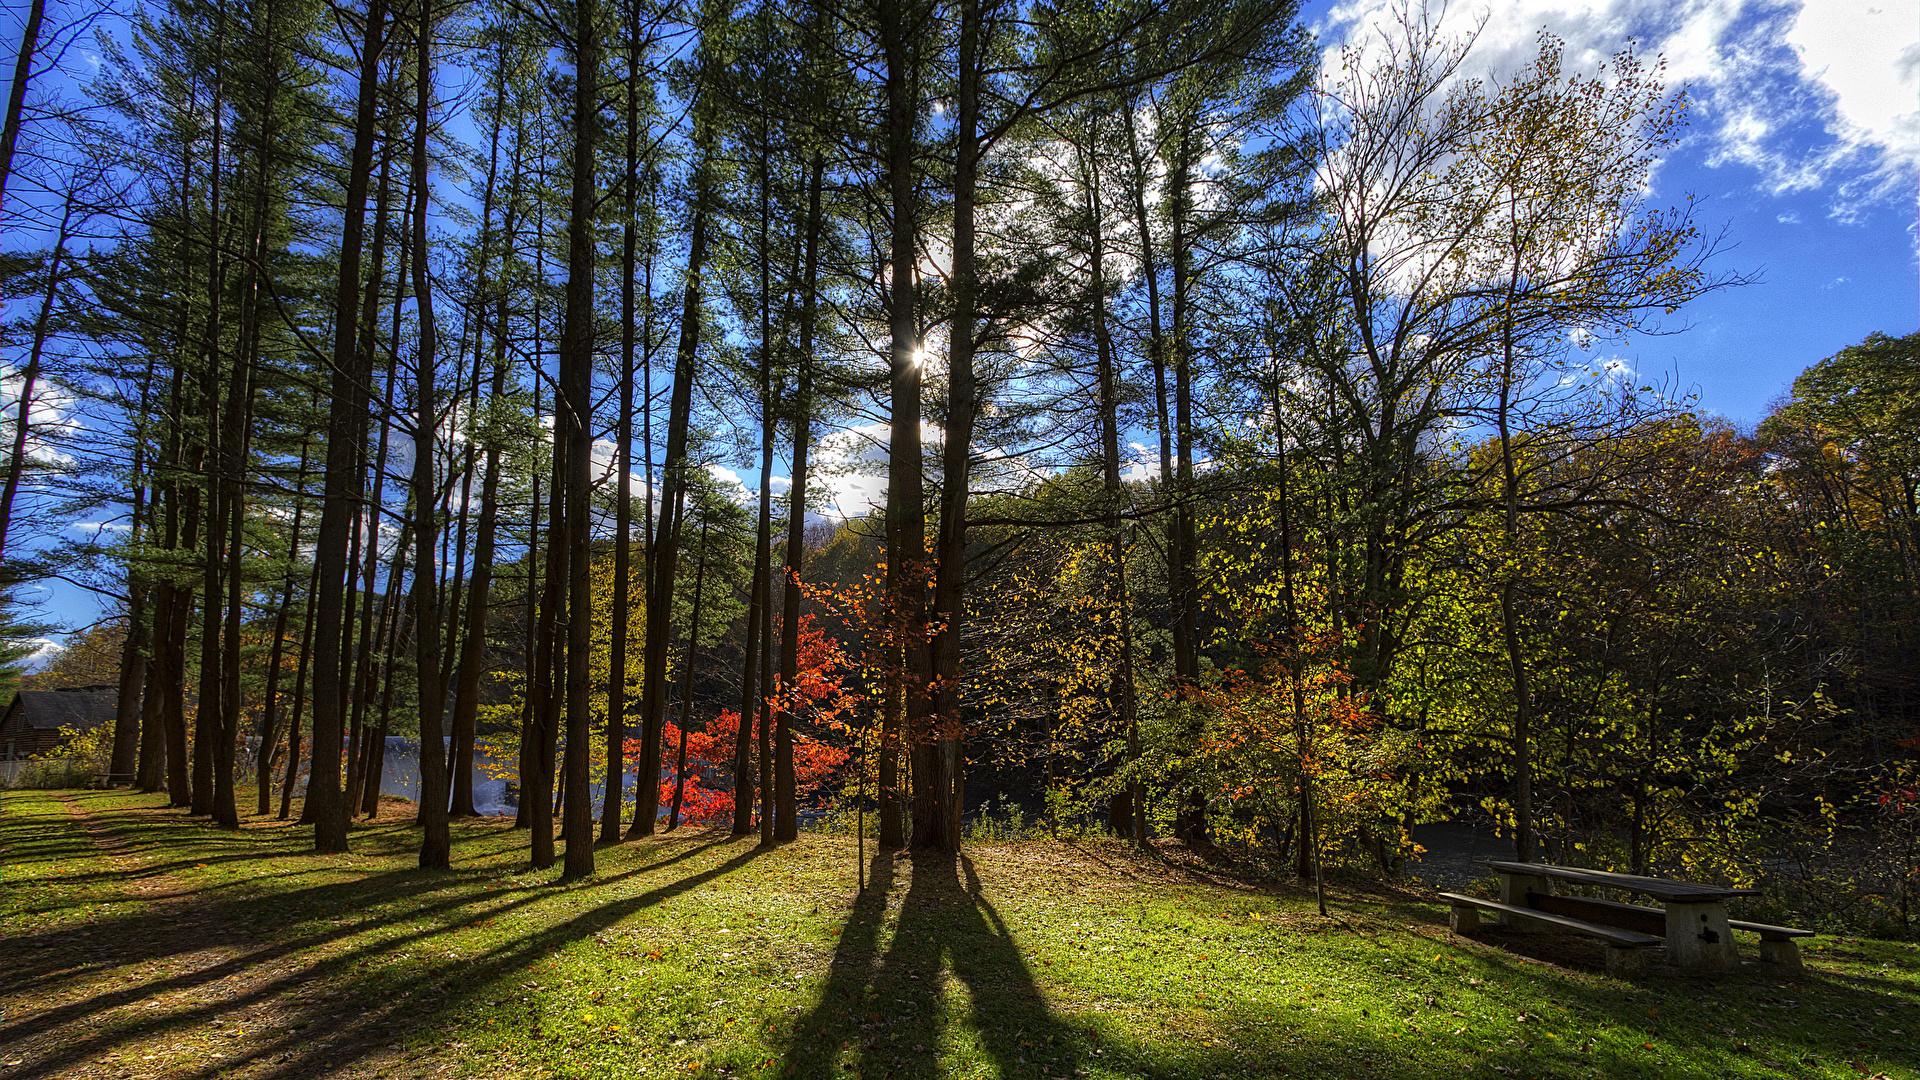 Фотография штаты Letchworth State Park Природа парк Скамейка деревьев 1920x1080 США америка Парки Скамья дерево дерева Деревья